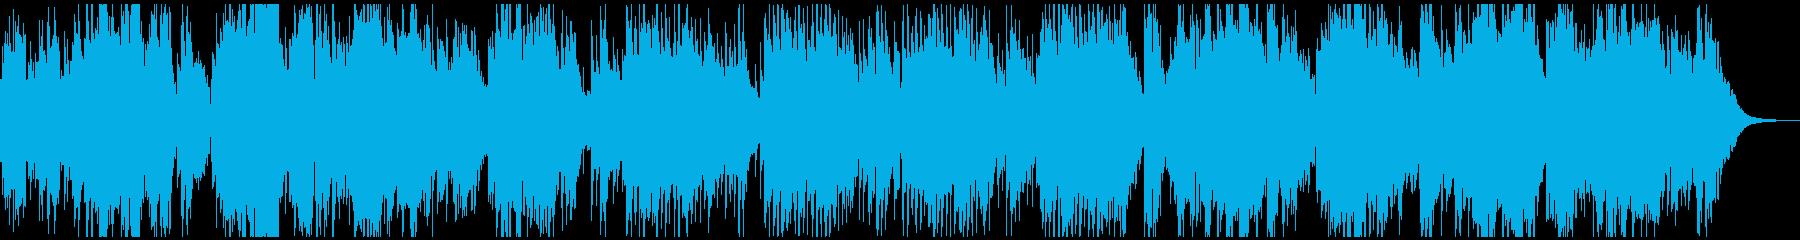 生演奏フルートの爽やかアコースティック曲の再生済みの波形